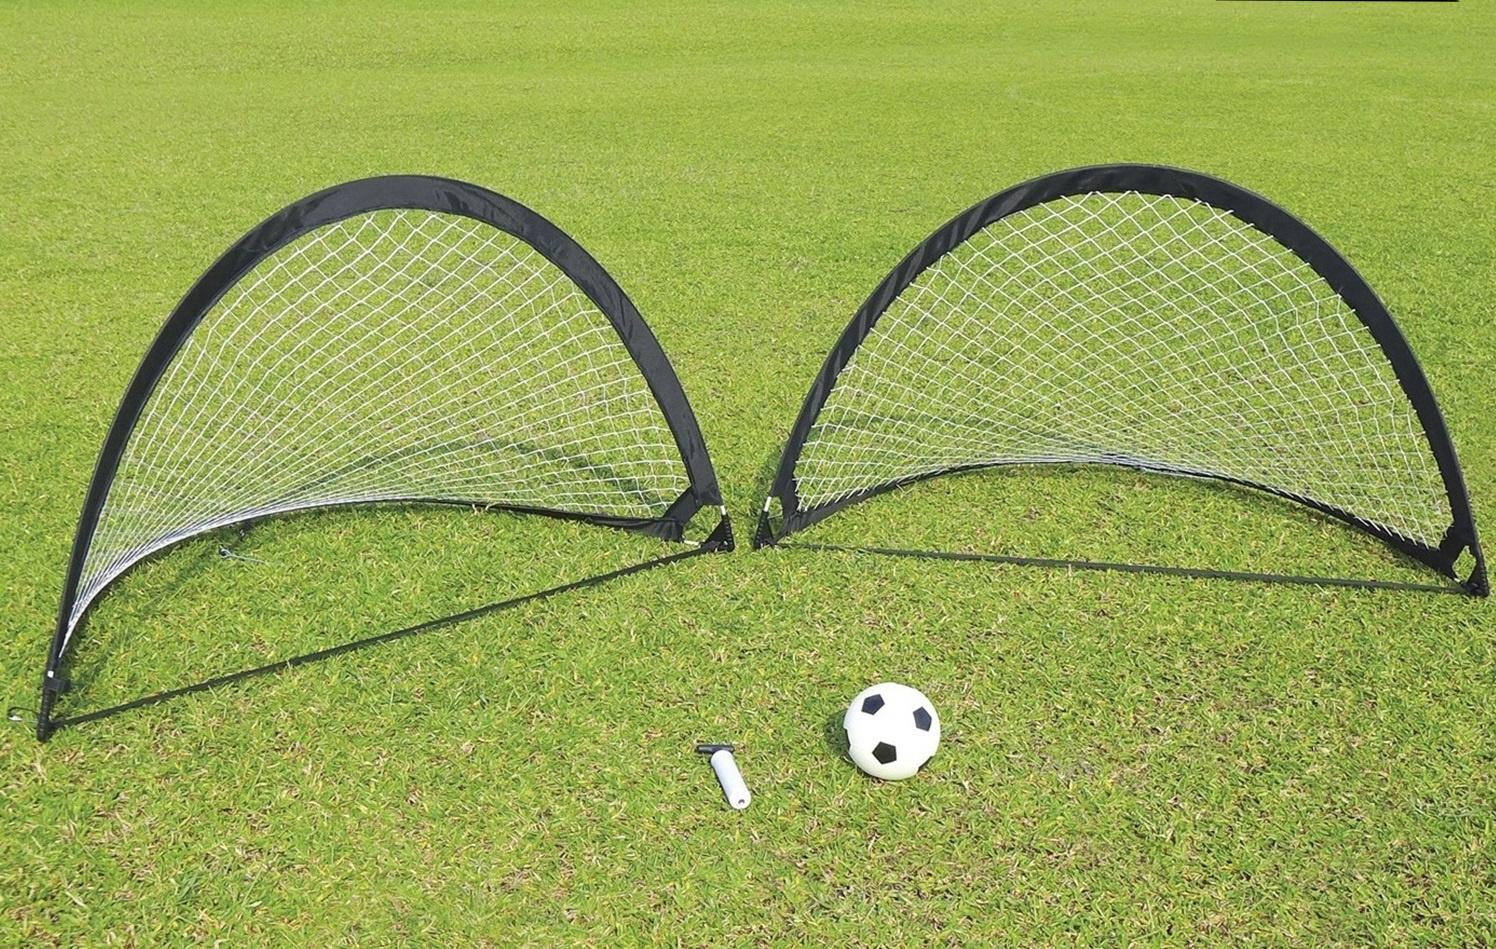 Ворота игровые DFC Foldable Soccer ворота на даче своими руками